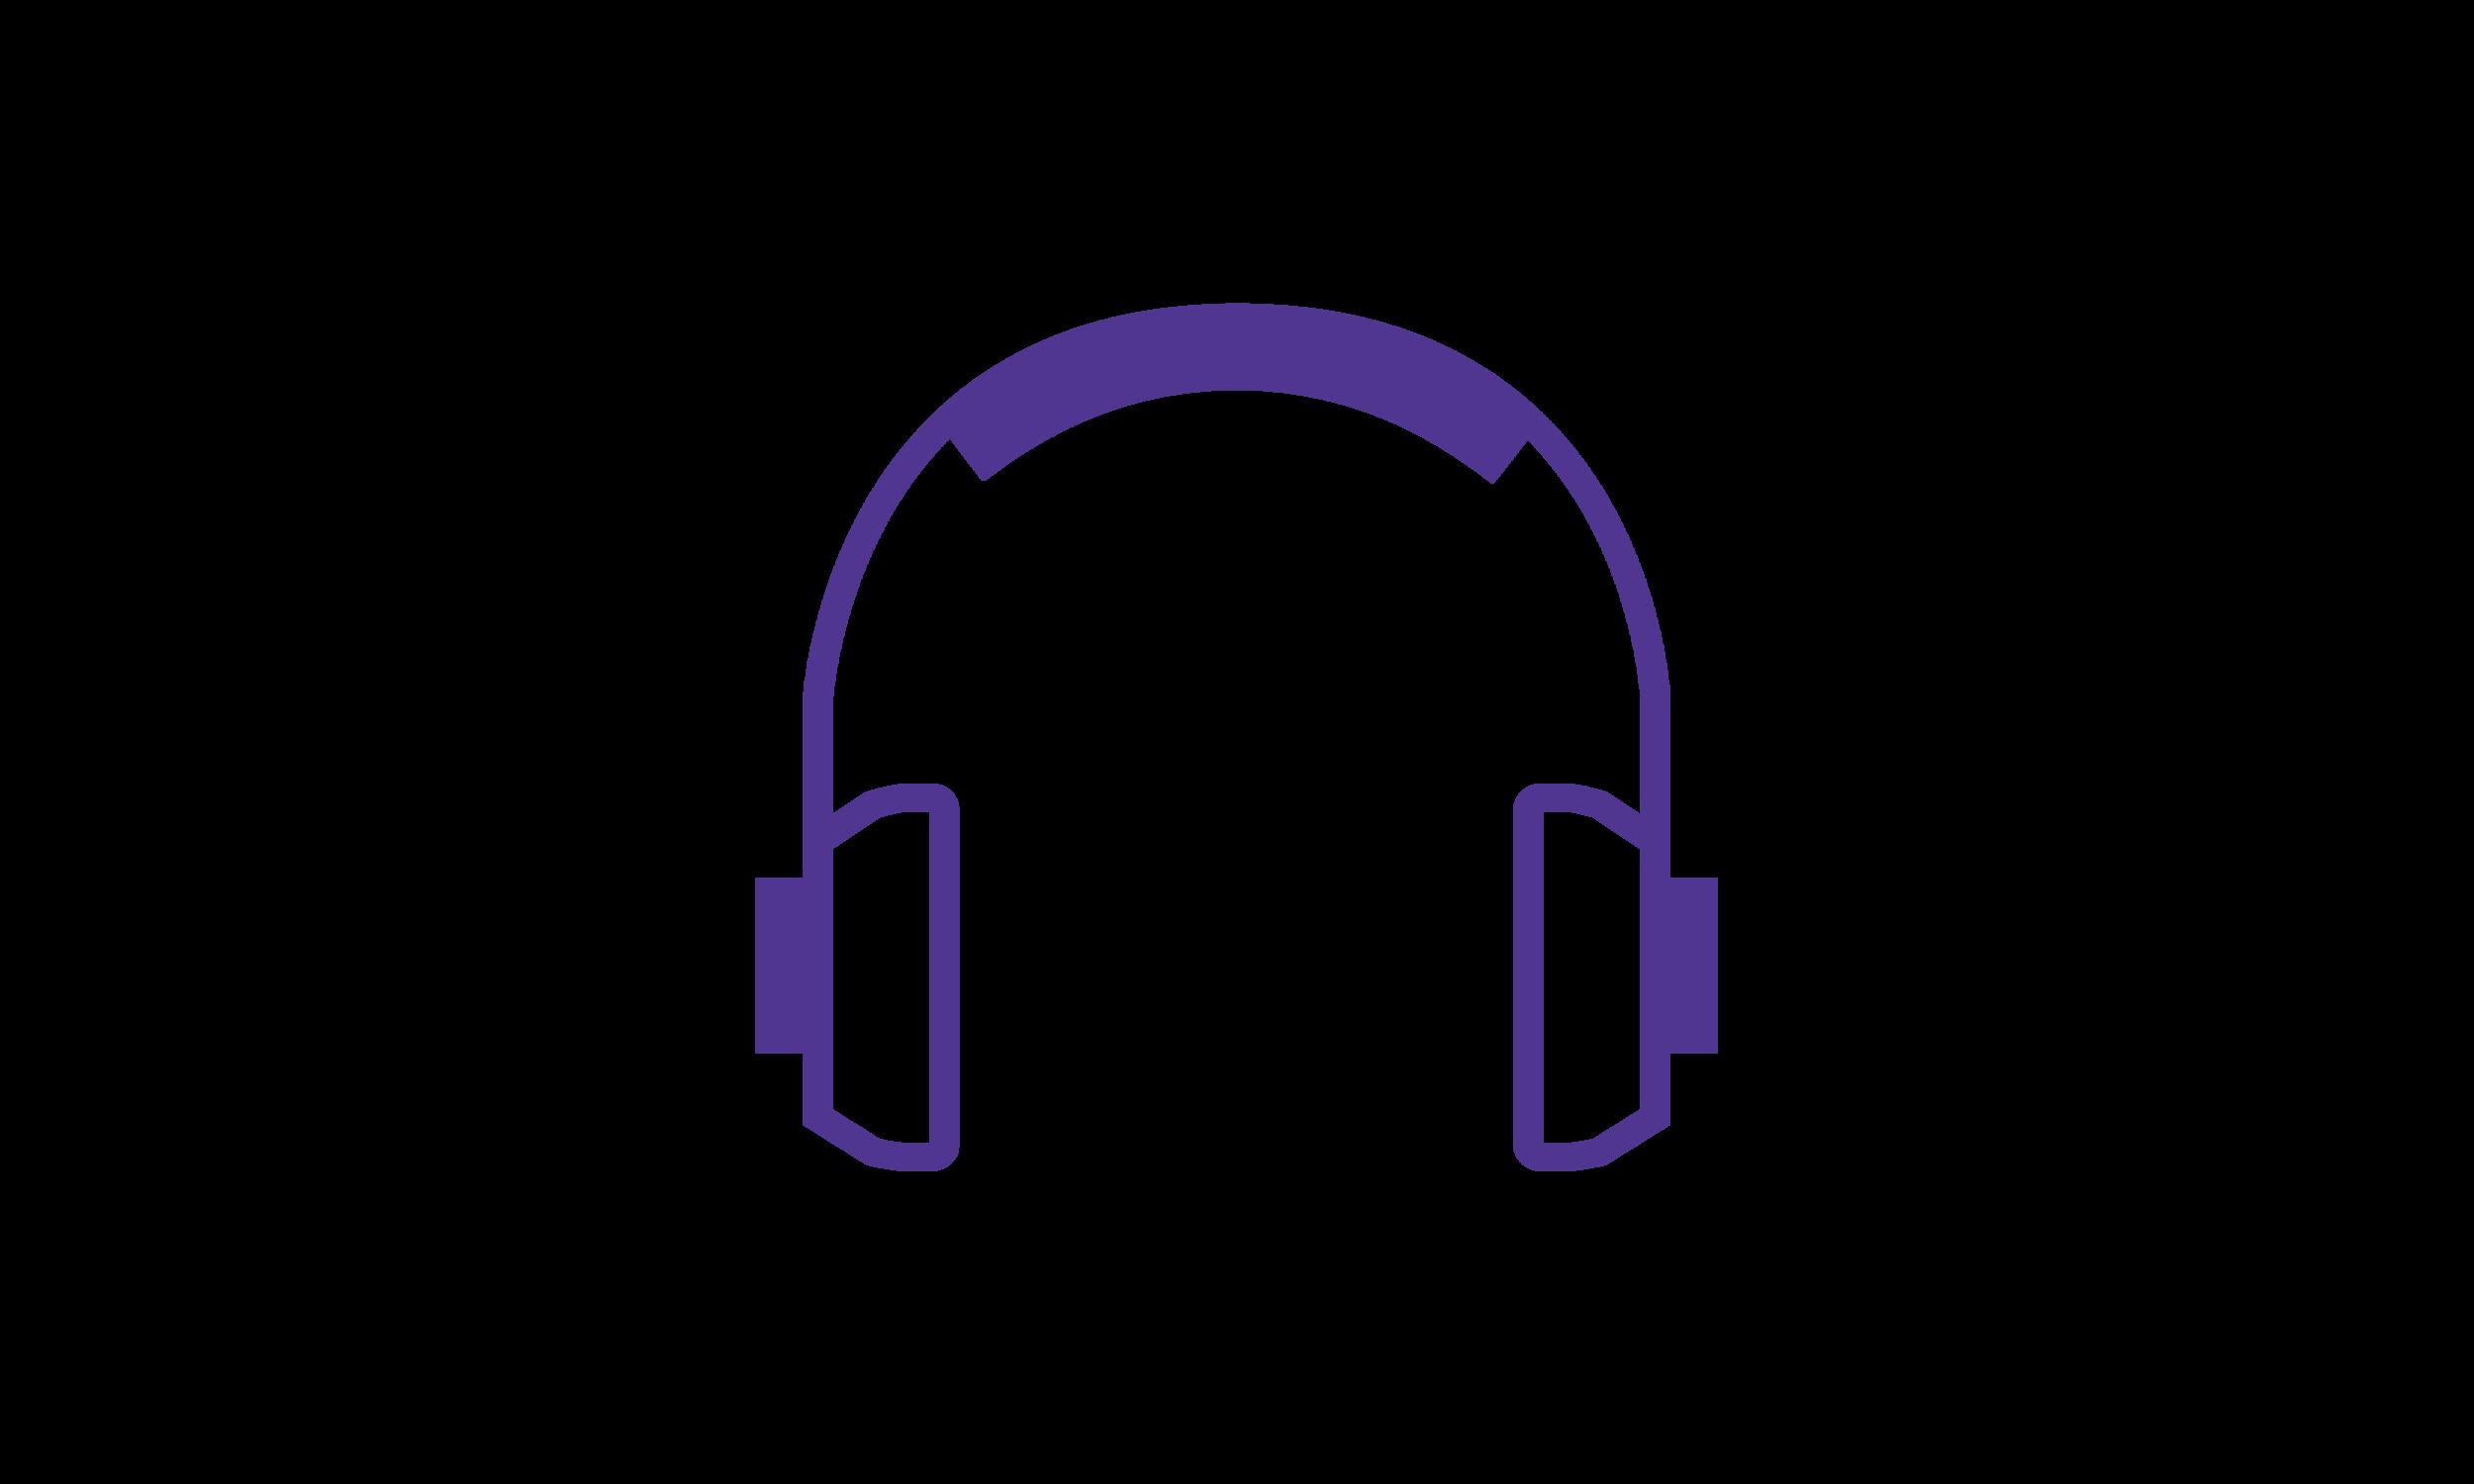 24HRS - Avg. Listener/Month